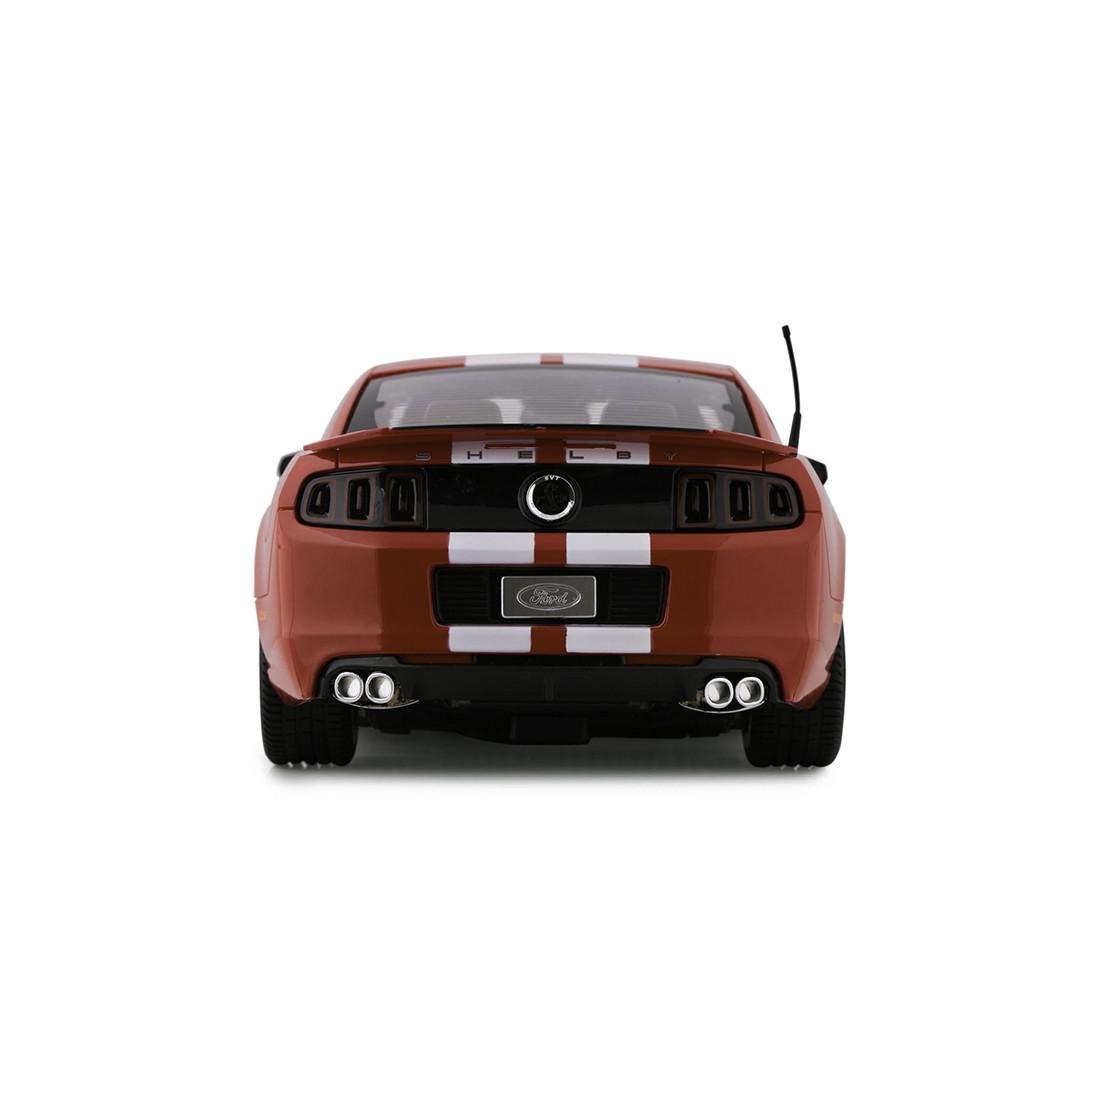 Радиоуправляемая модель автомобиль Rastar Ford Shelby Mustang GT500, 1:14, Управление: Джойстик, Материал: Пла